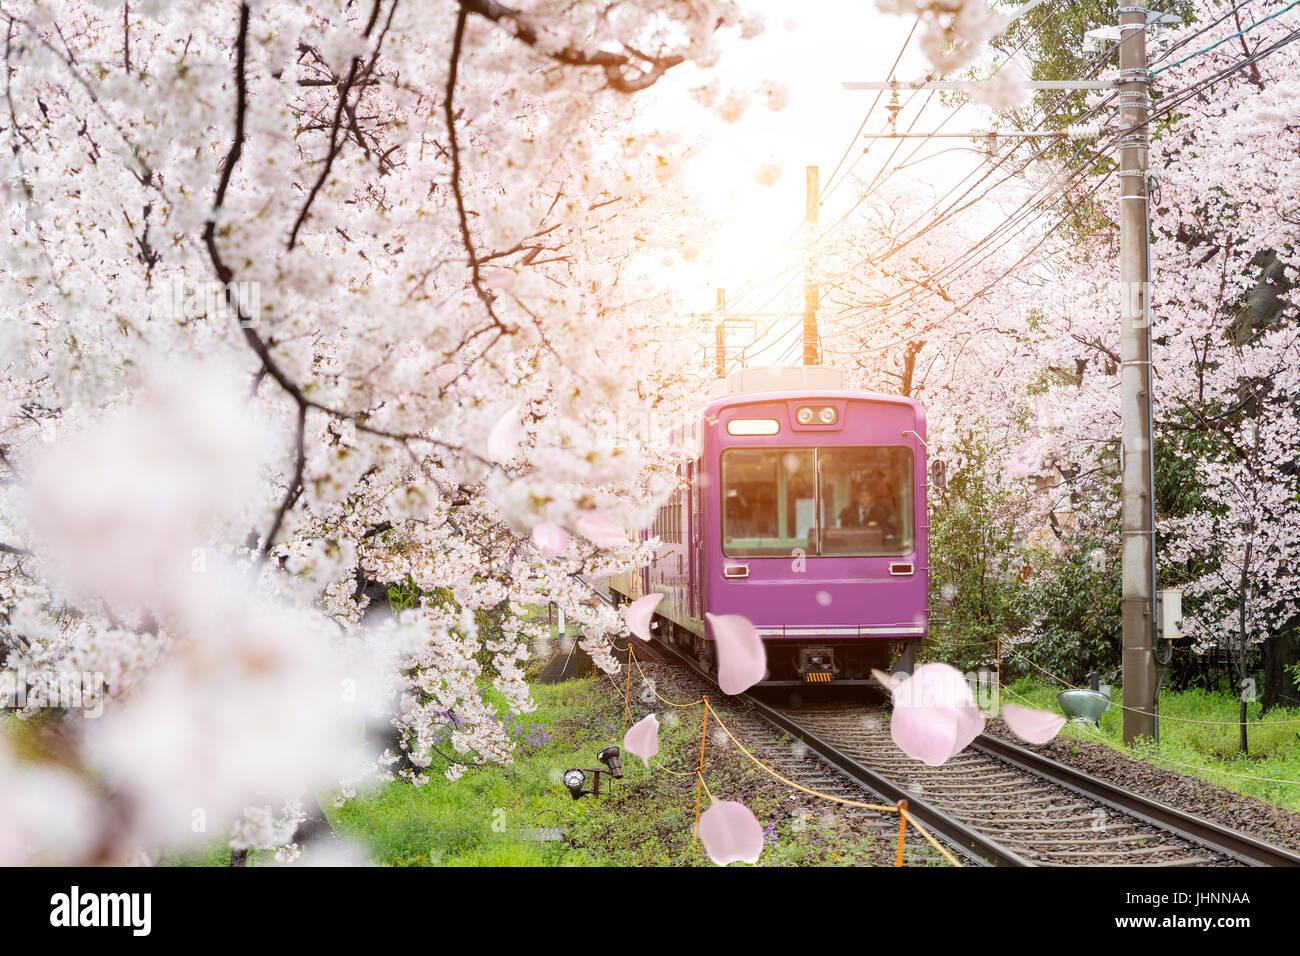 Avis de locaux de Kyoto train roulant sur les rails avec des fleurs de cerisiers florissant le long de la voie ferrée Photo Stock